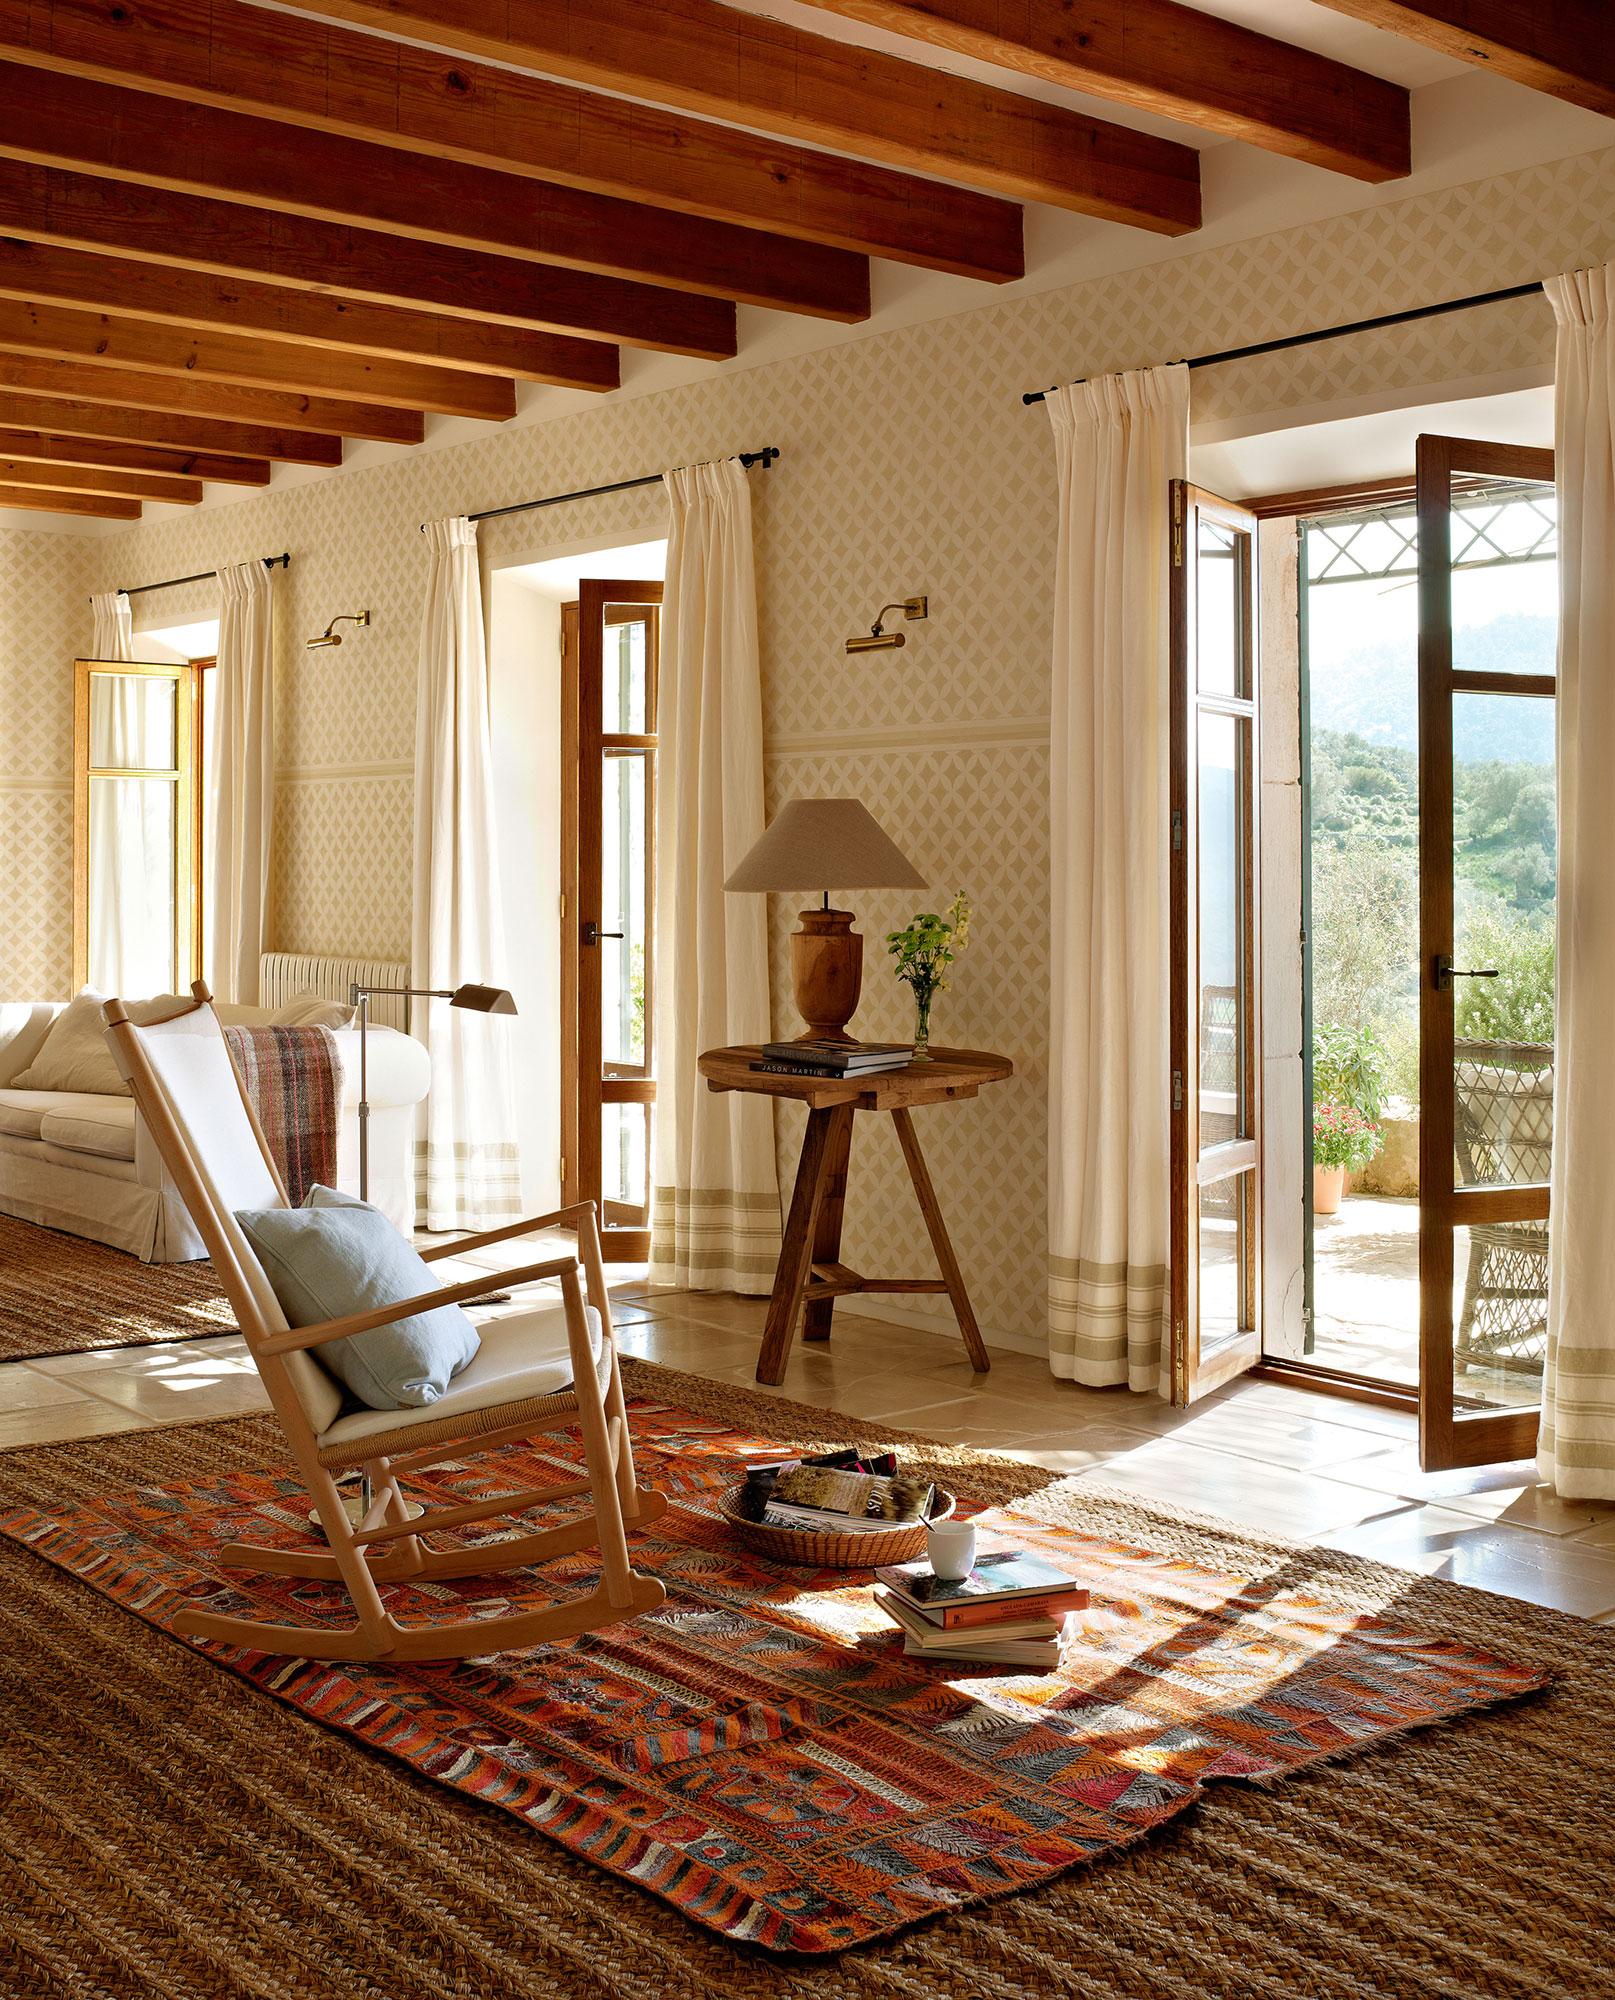 30 ideas para renovar tu casa con un bajo presupuesto - Casa de las alfombras ...